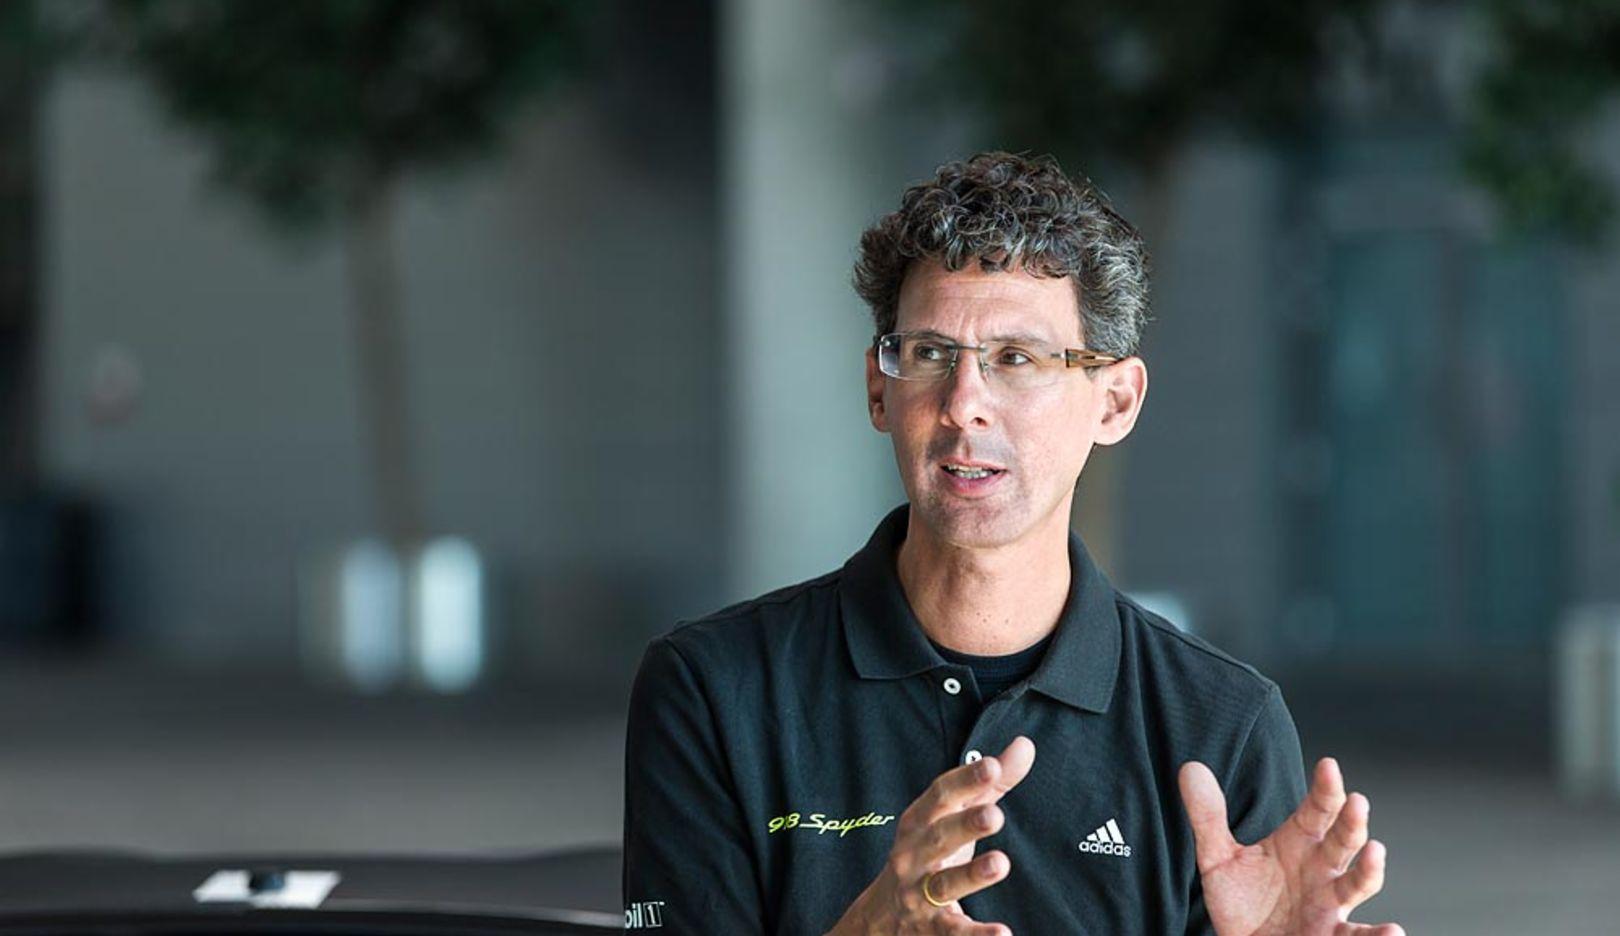 Dr. Frank-Steffen Walliser, Vice President of Porsche Motorsport, 2014, Porsche AG